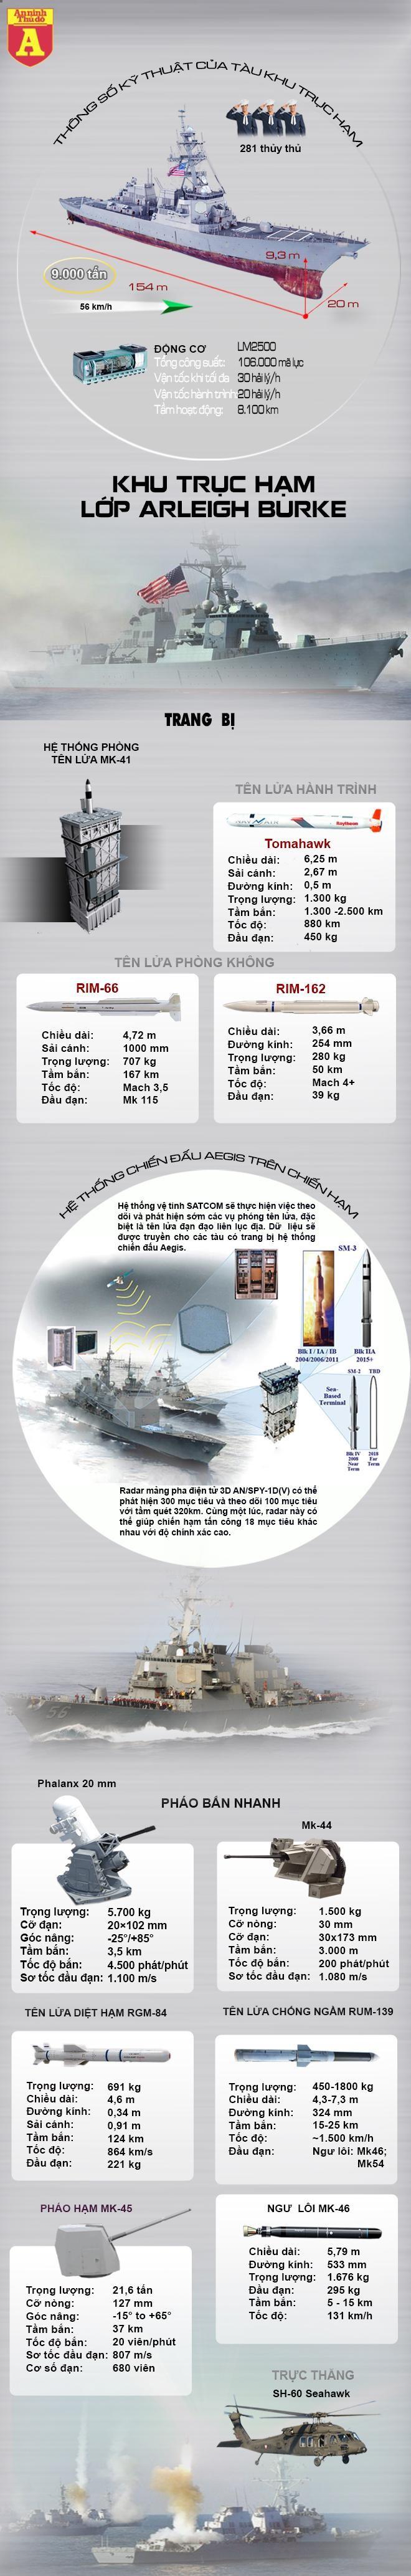 [Info] Mỹ bác tin chiến hạm mang tên lửa Tomahawk bị Trung Quốc 'xua đuổi' ở biển Đông ảnh 2